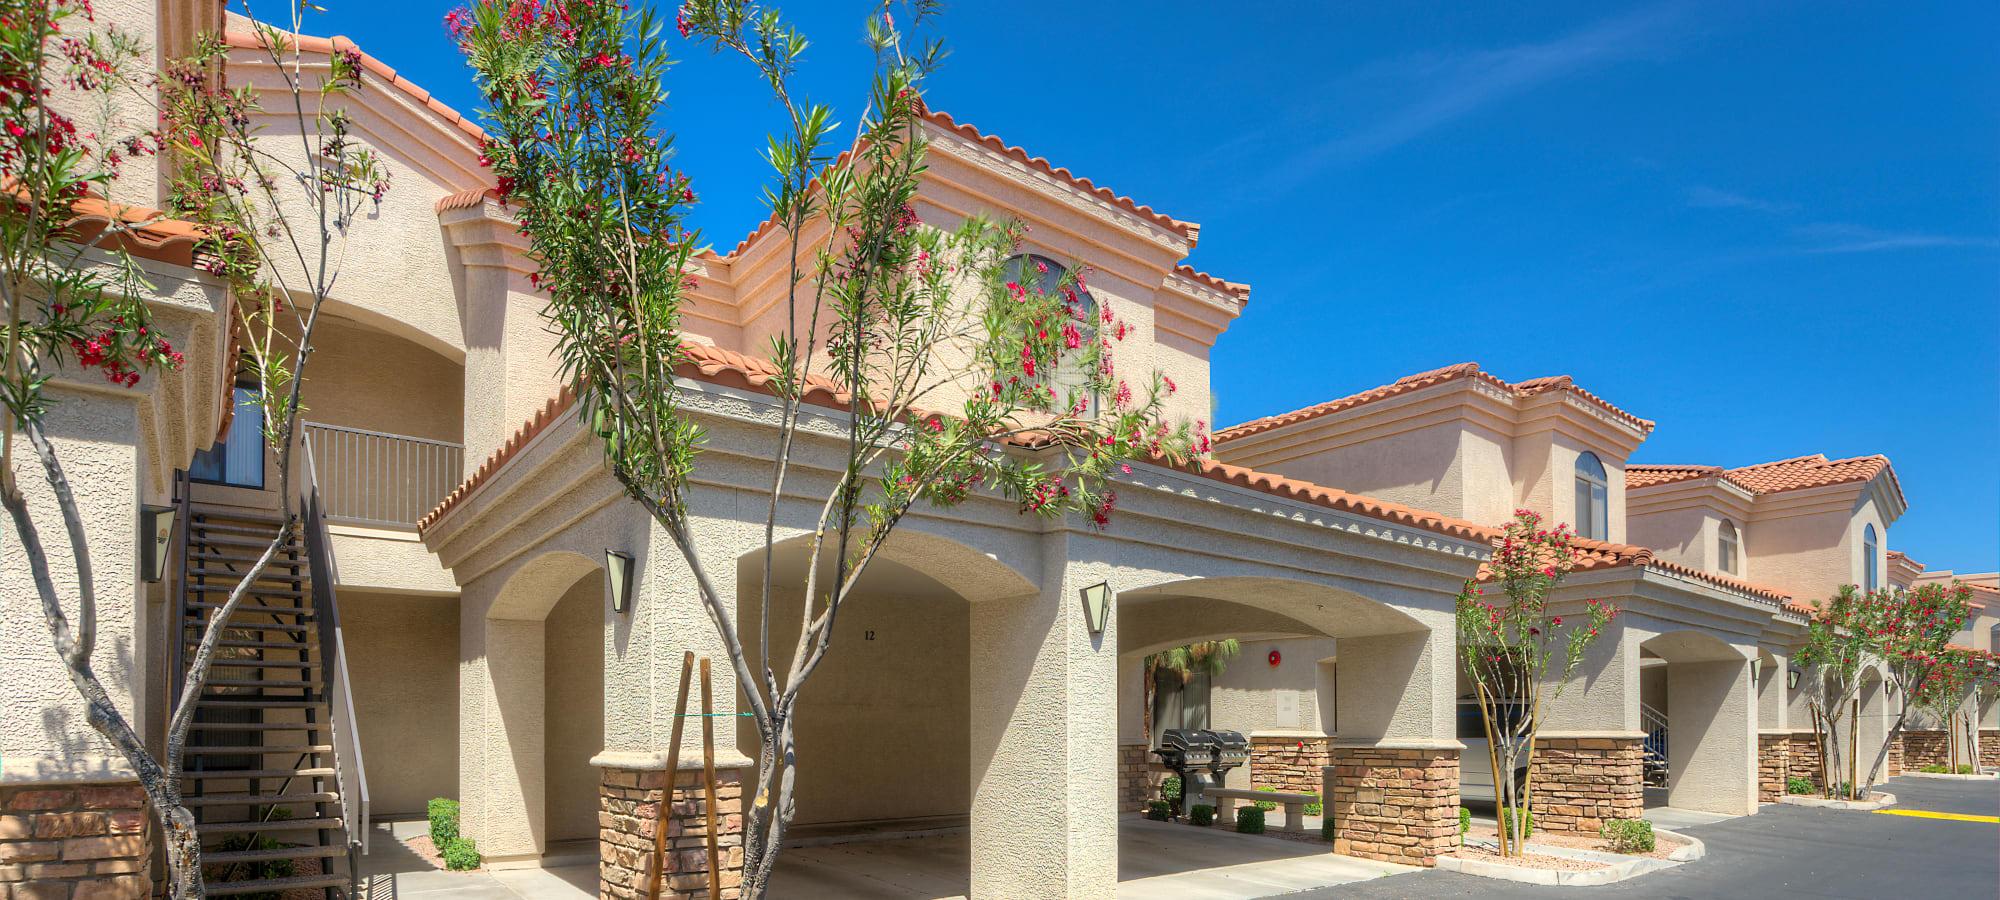 Exterior of San Prado in Glendale, Arizona